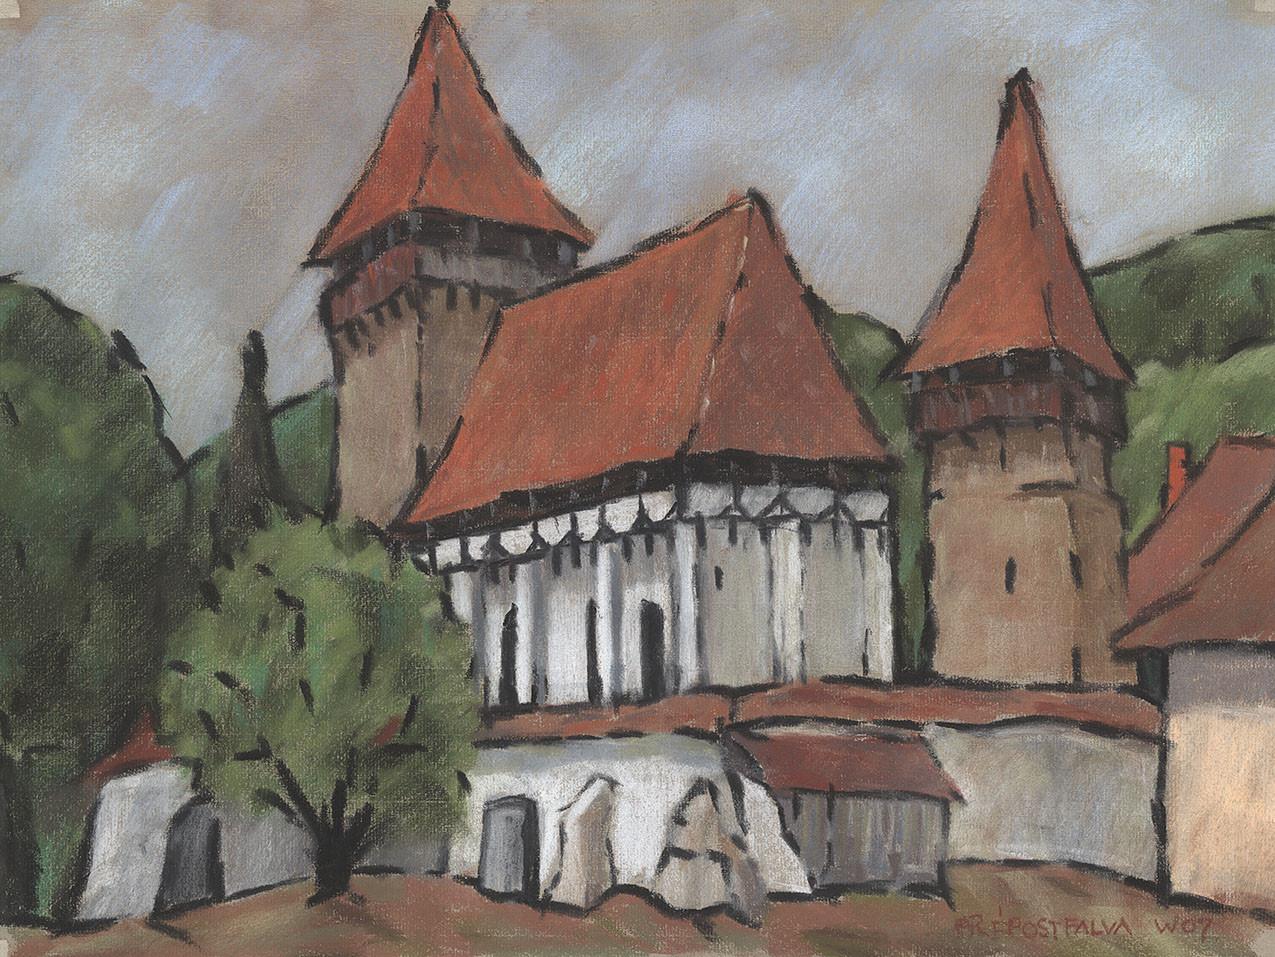 Prépostfalva-Probstdorf-Stejărișu